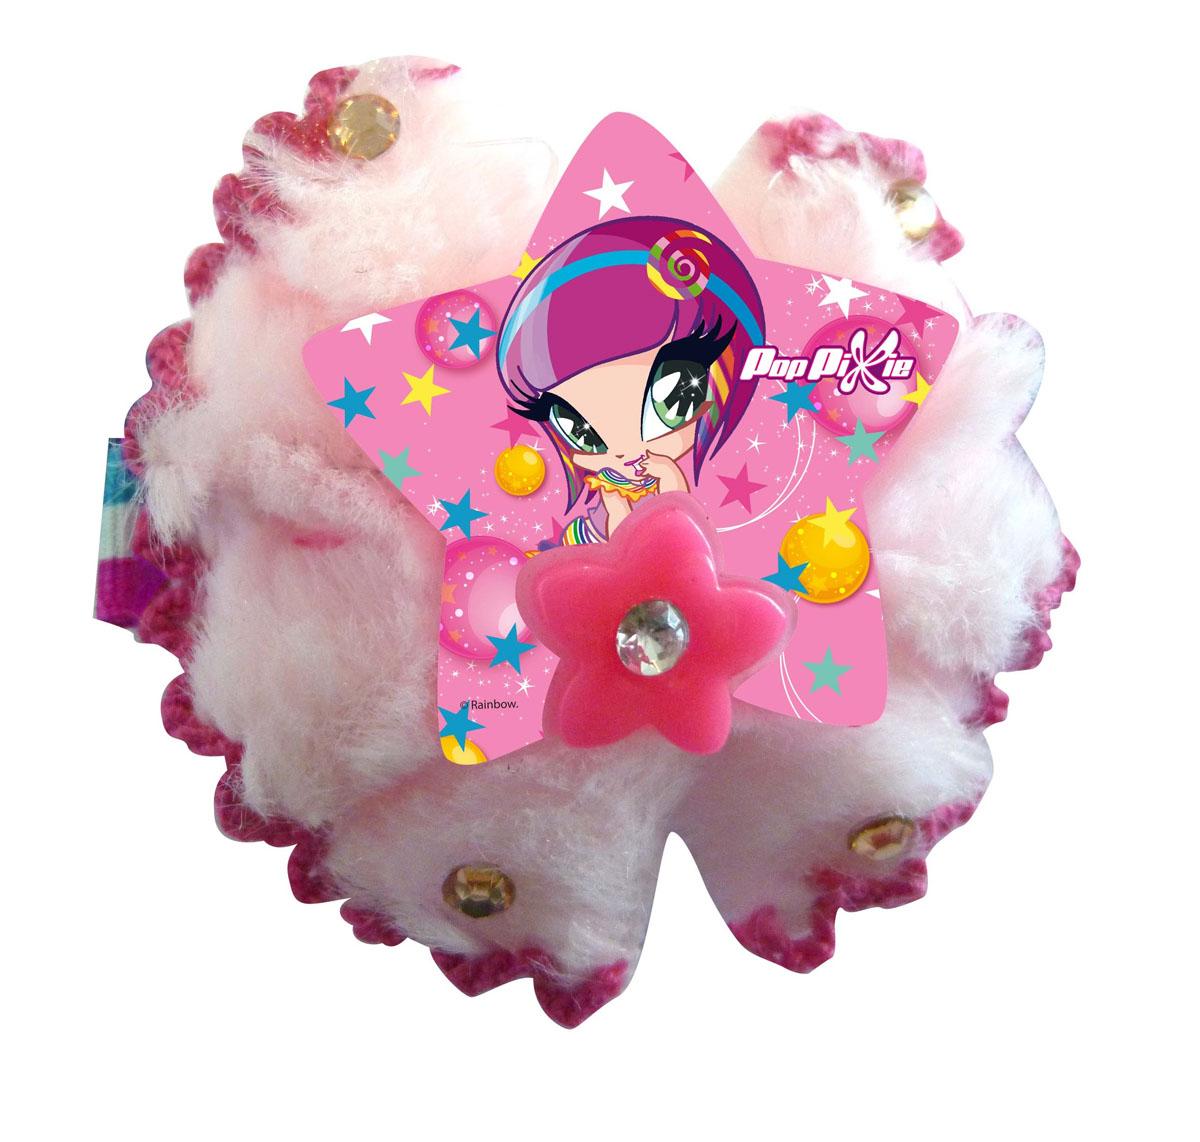 Заколка для волос для девочек PopPixie, цвет: розовый, 2 шт. 4131441314Оригинальный аксессуар станет изюминкой образа юной леди. Изделие изготовлено из гипоаллергенных материалов, не имеет заостренных деталей и абсолютно безопасно для ребенка. Рекомендуемый возраст: от 3х лет.